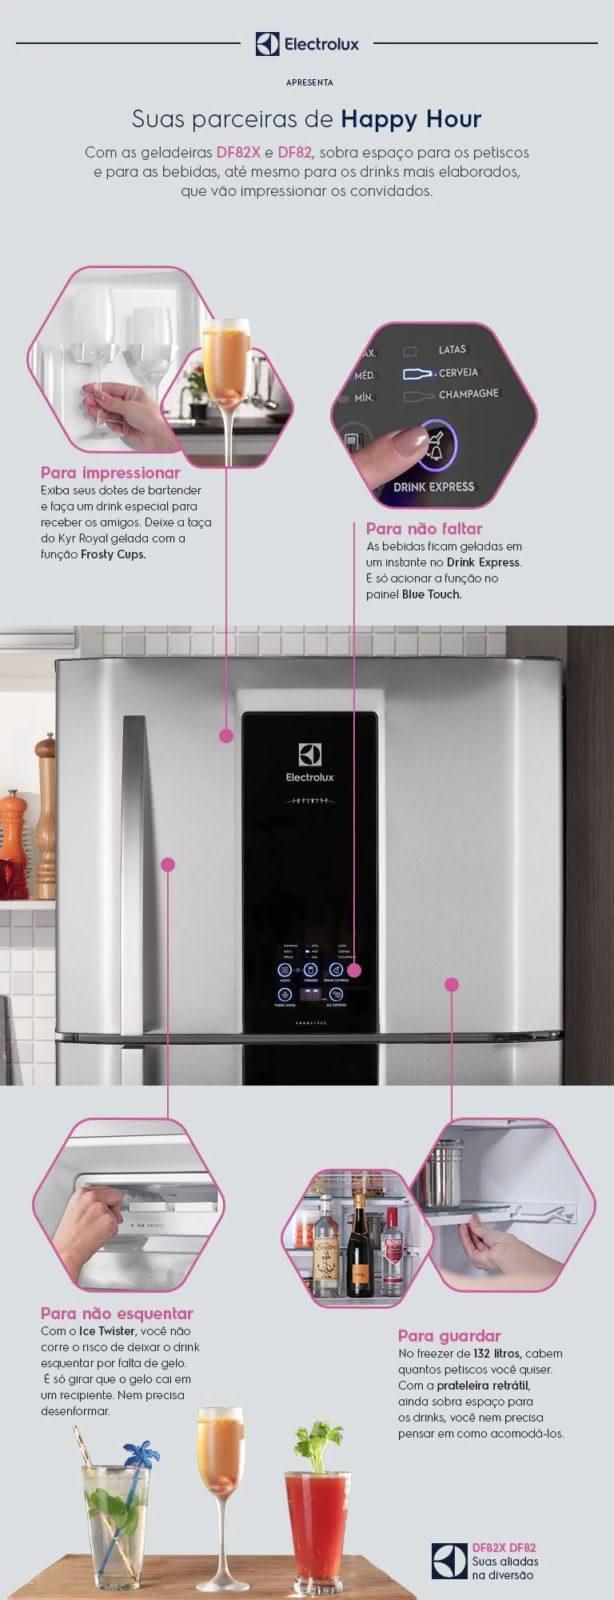 Geladeira / Refrigerador Duplex 553 litros Frost Free Branco Blue Touch DF82 Electrolux 110 V 13